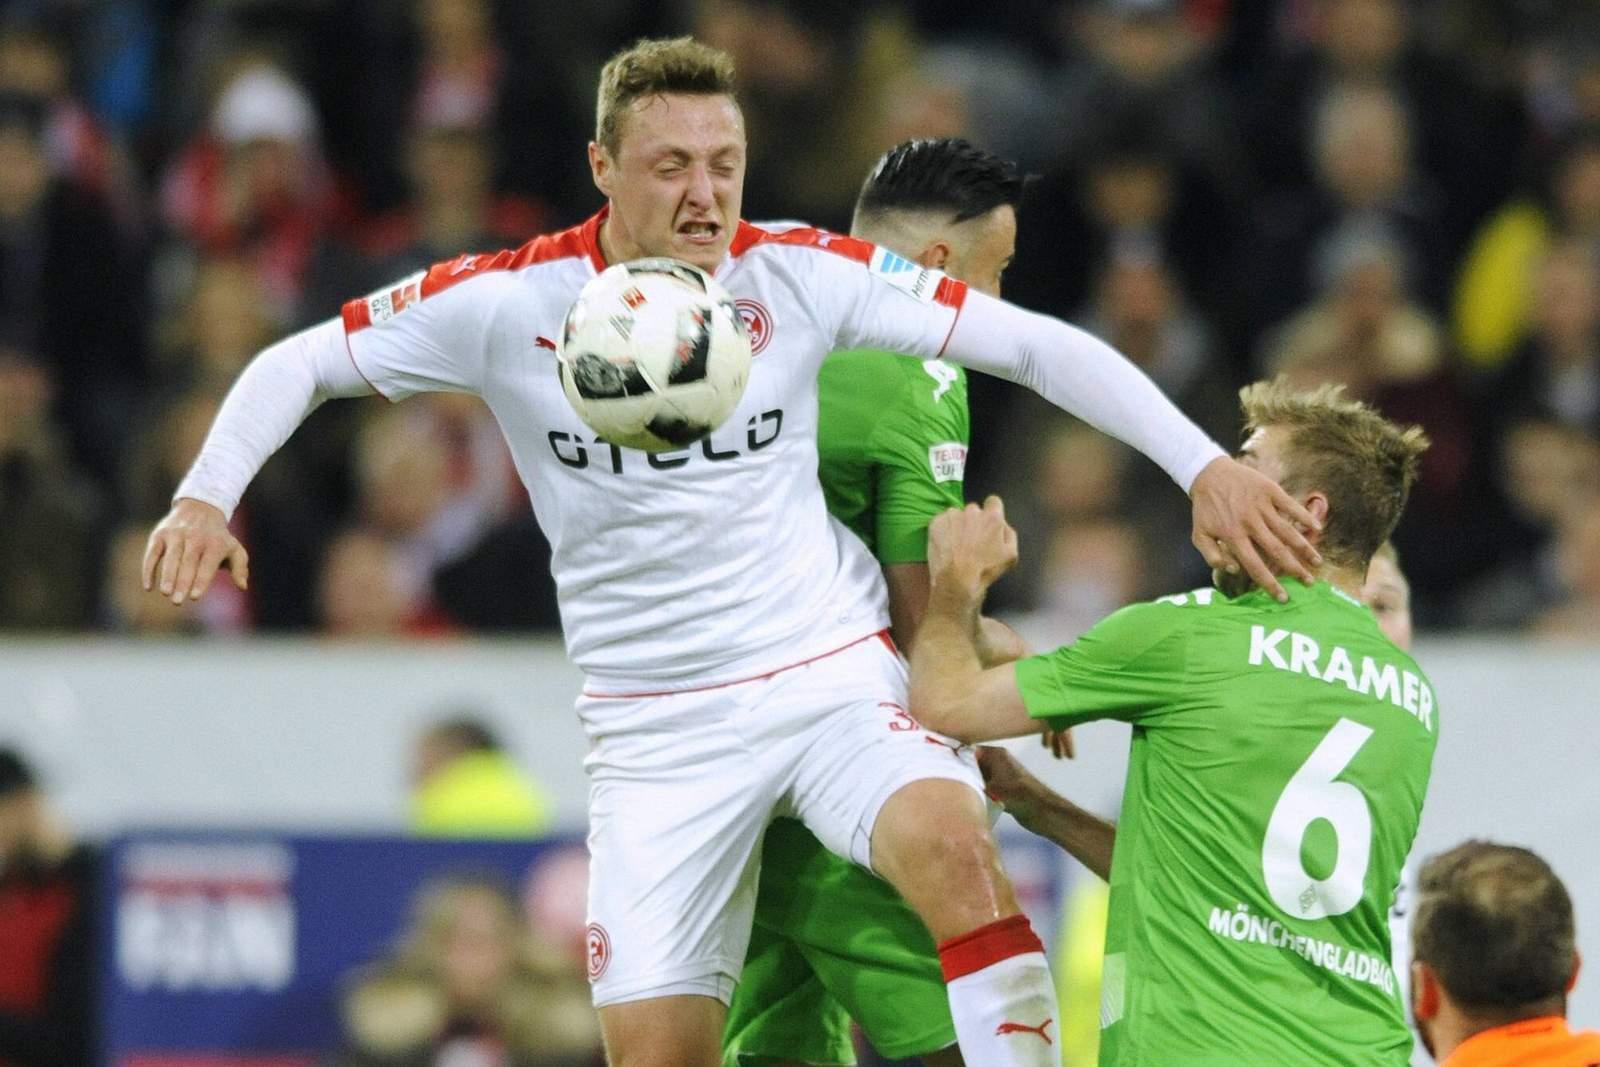 Setzt sich Bormuth gegen Kramer durch? Jetzt auf Fortuna Düsseldorf gegen Gladbach wetten